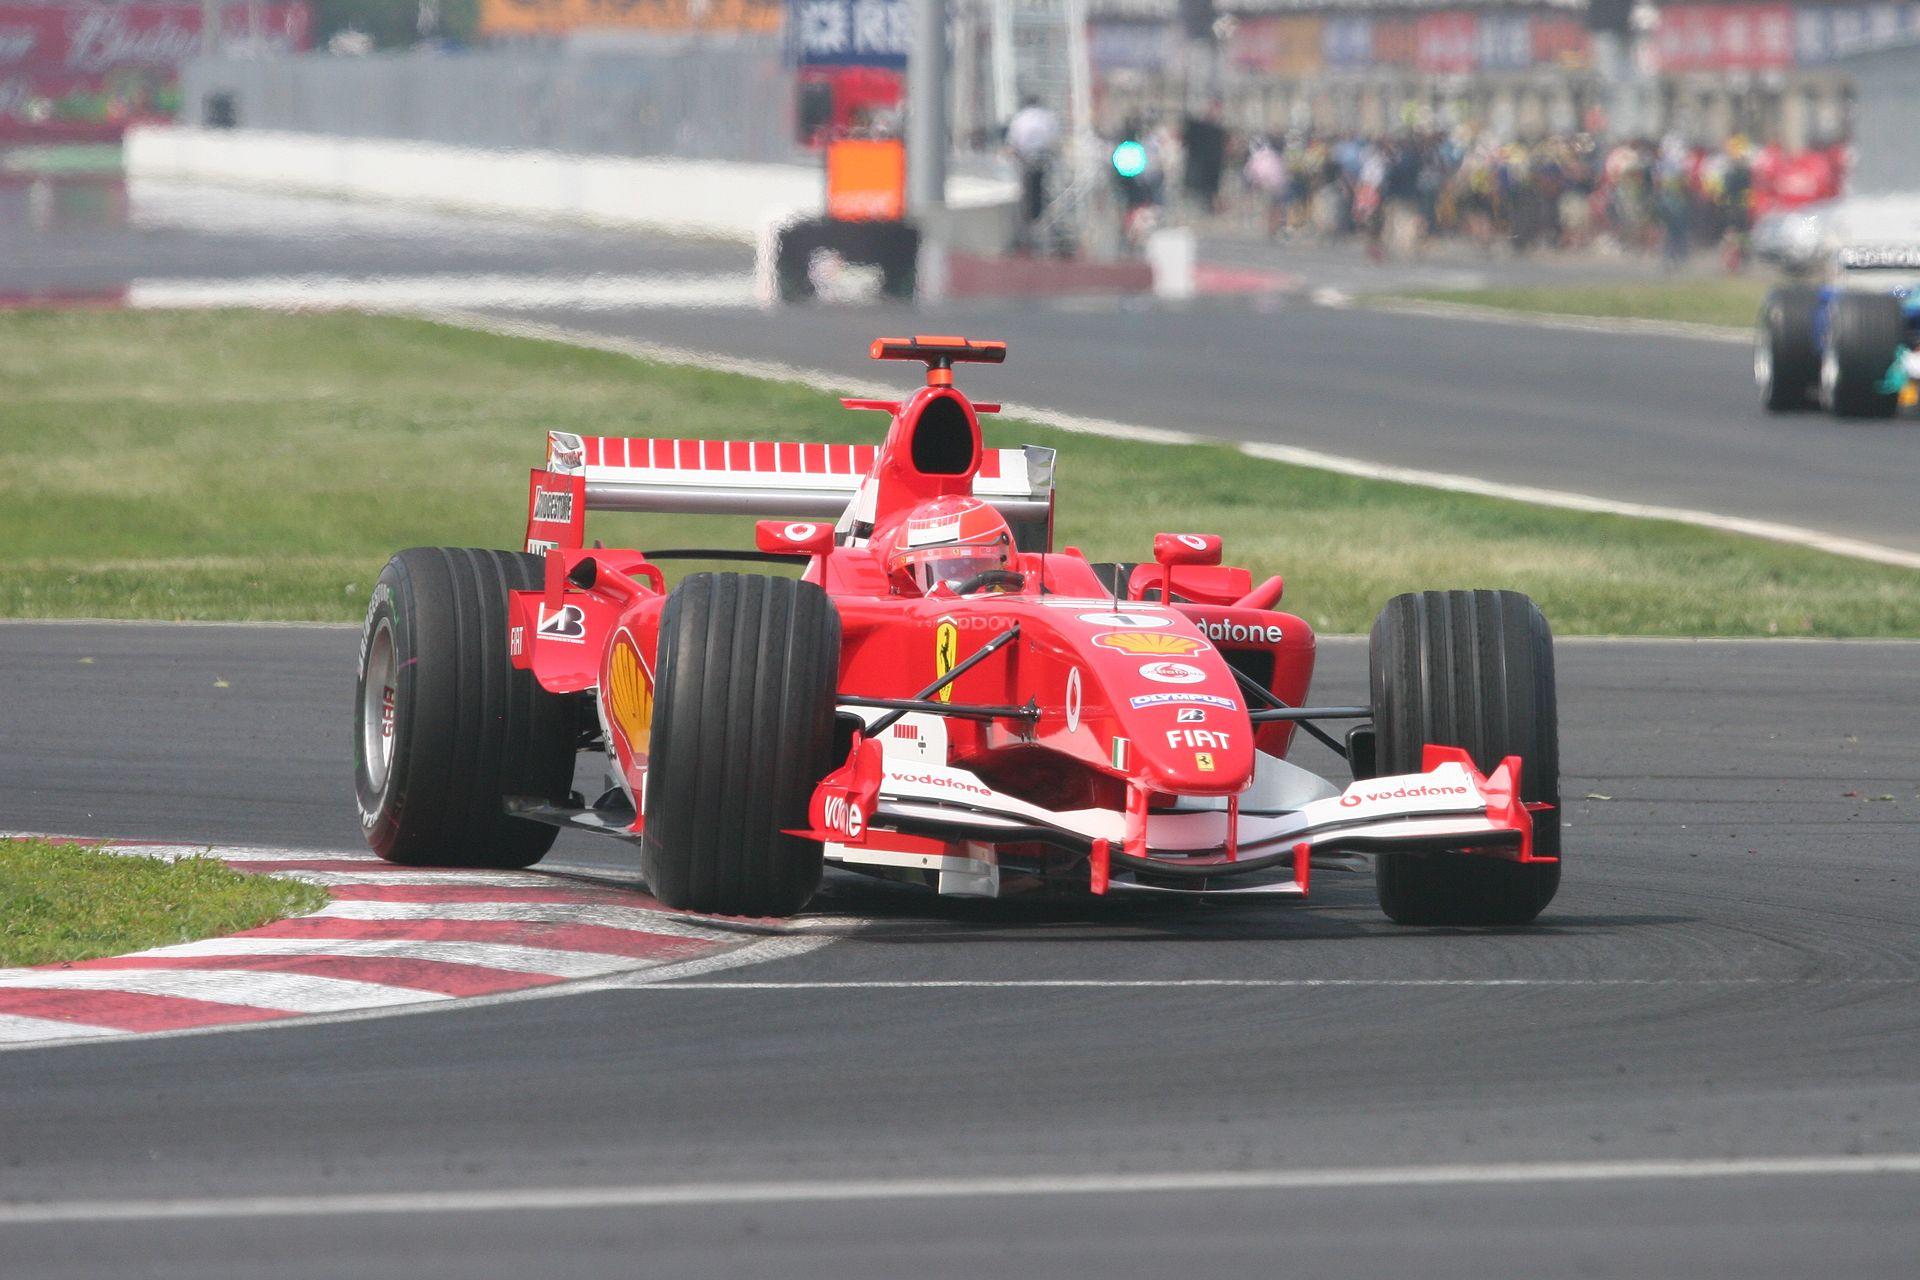 Formel 1 Weltmeister 2005 Und 2006